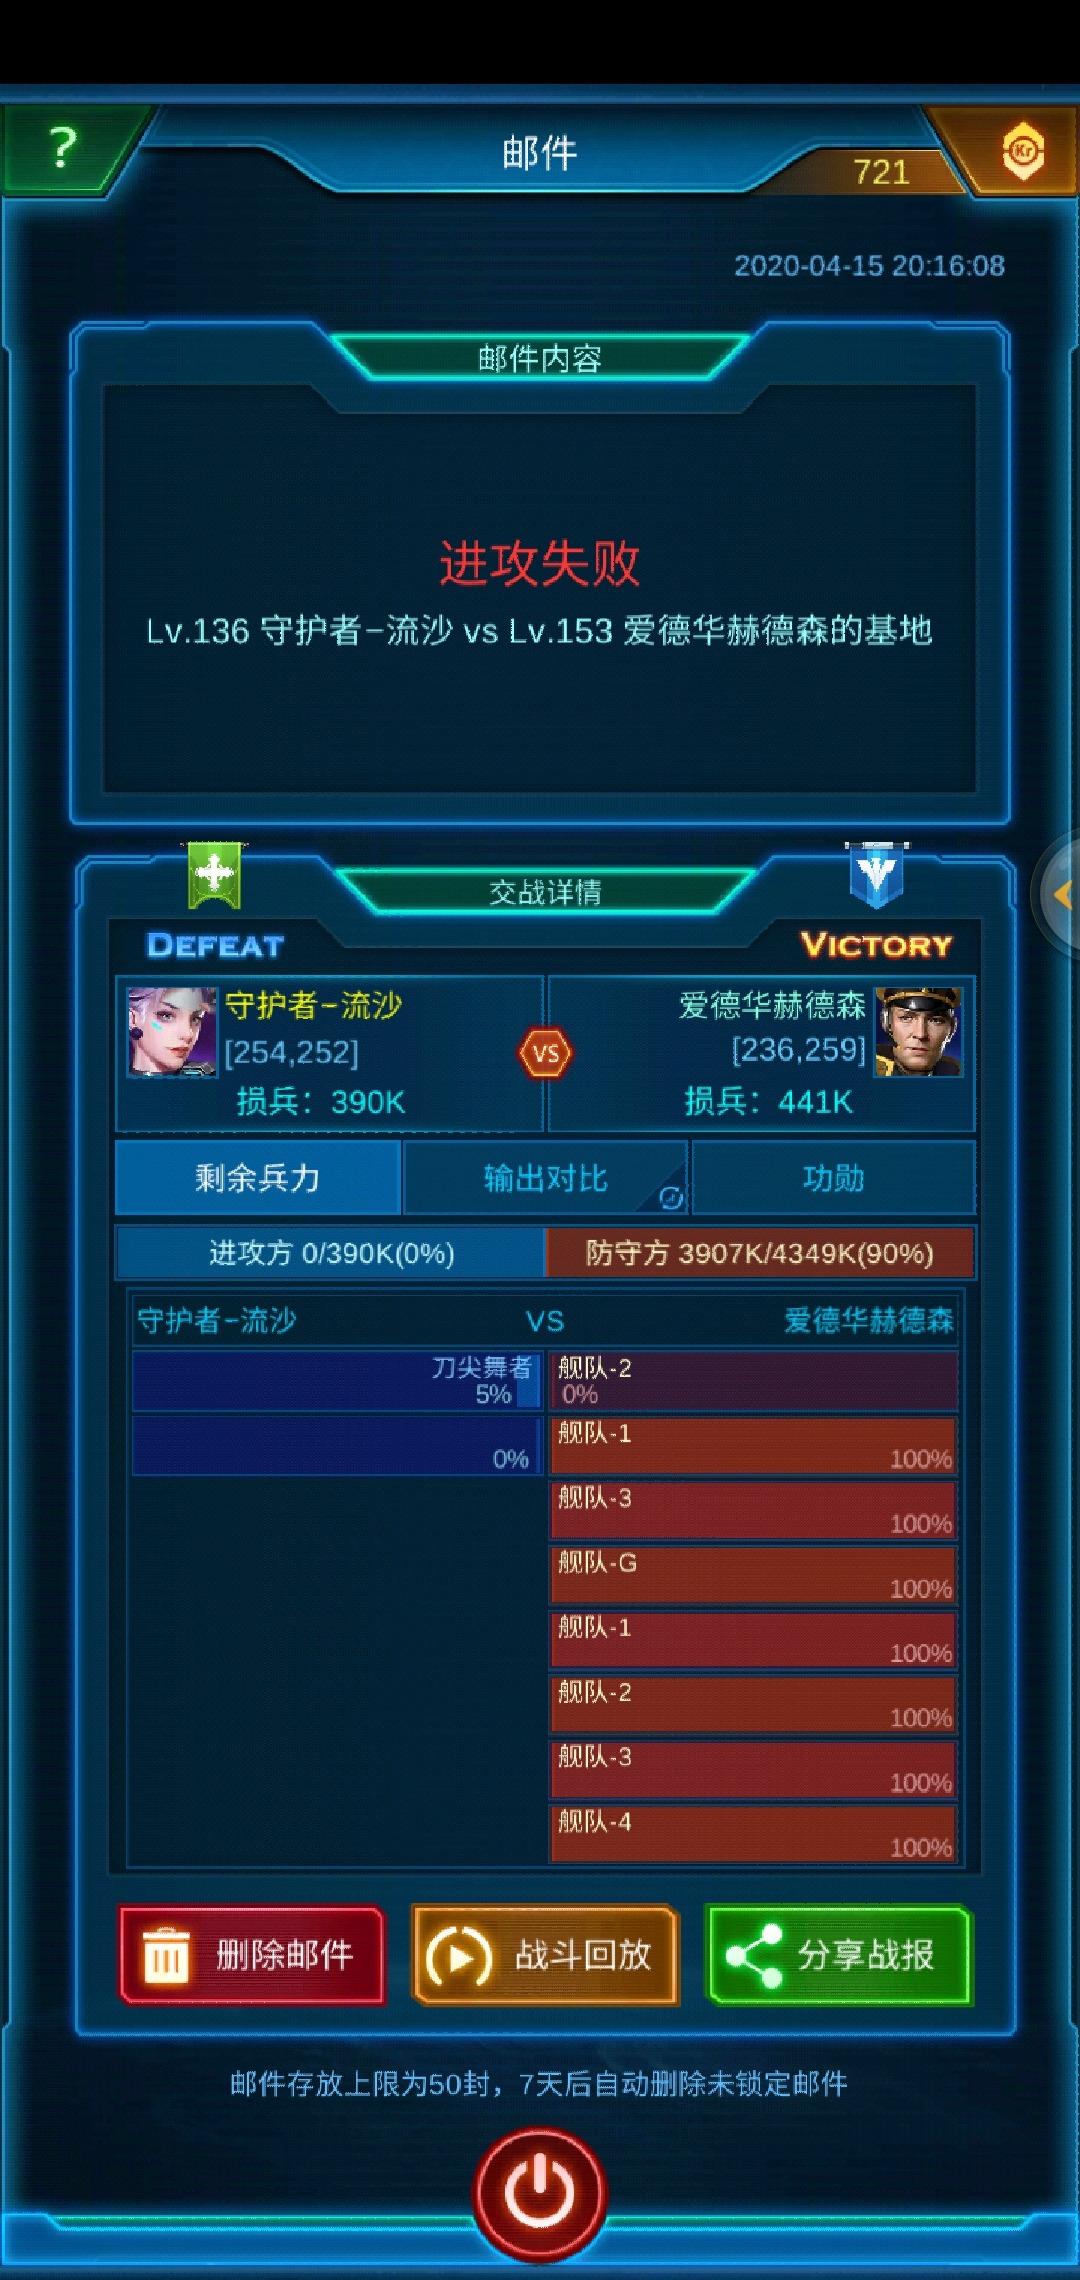 Screenshot_20200415_201702.jpg